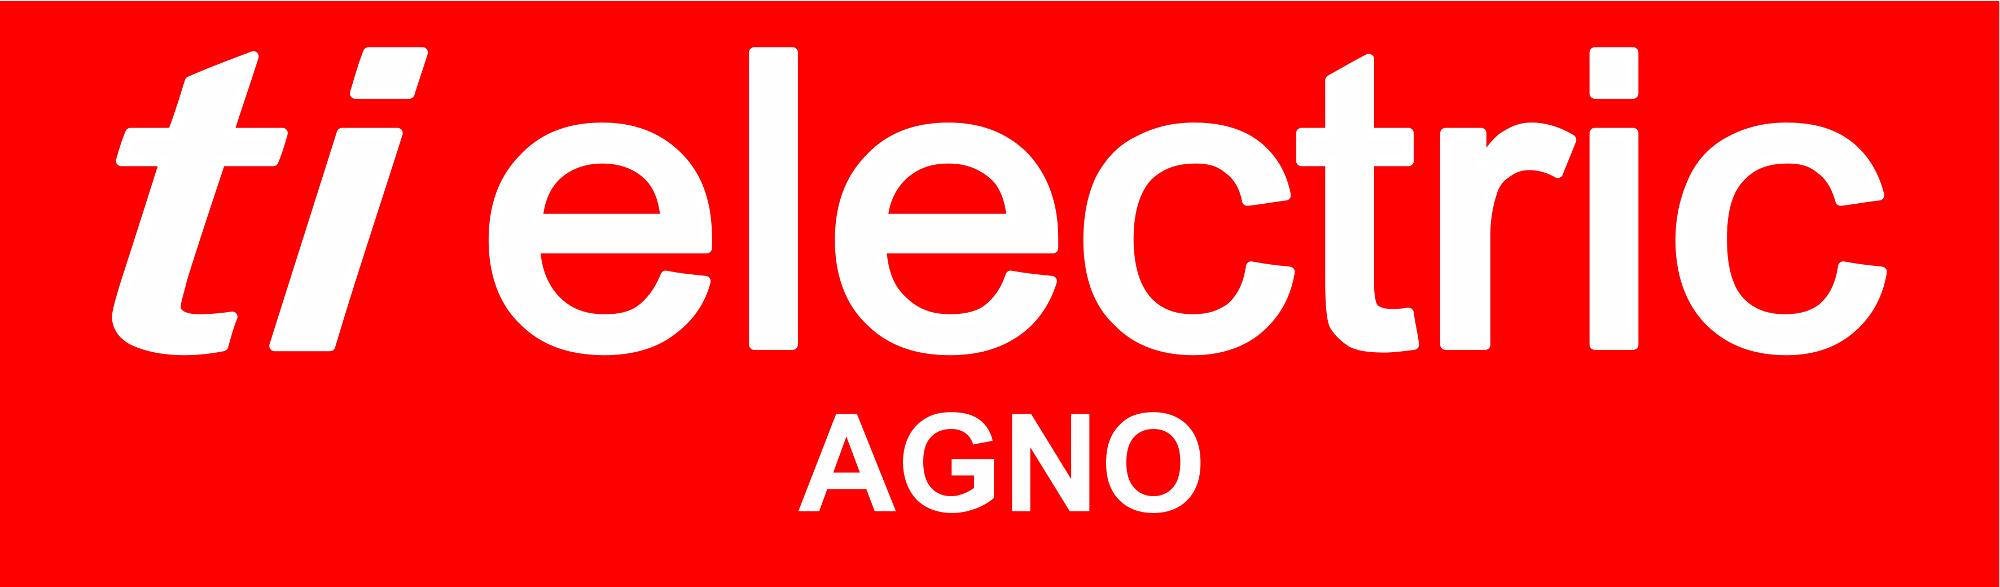 LogoNEW2000x587